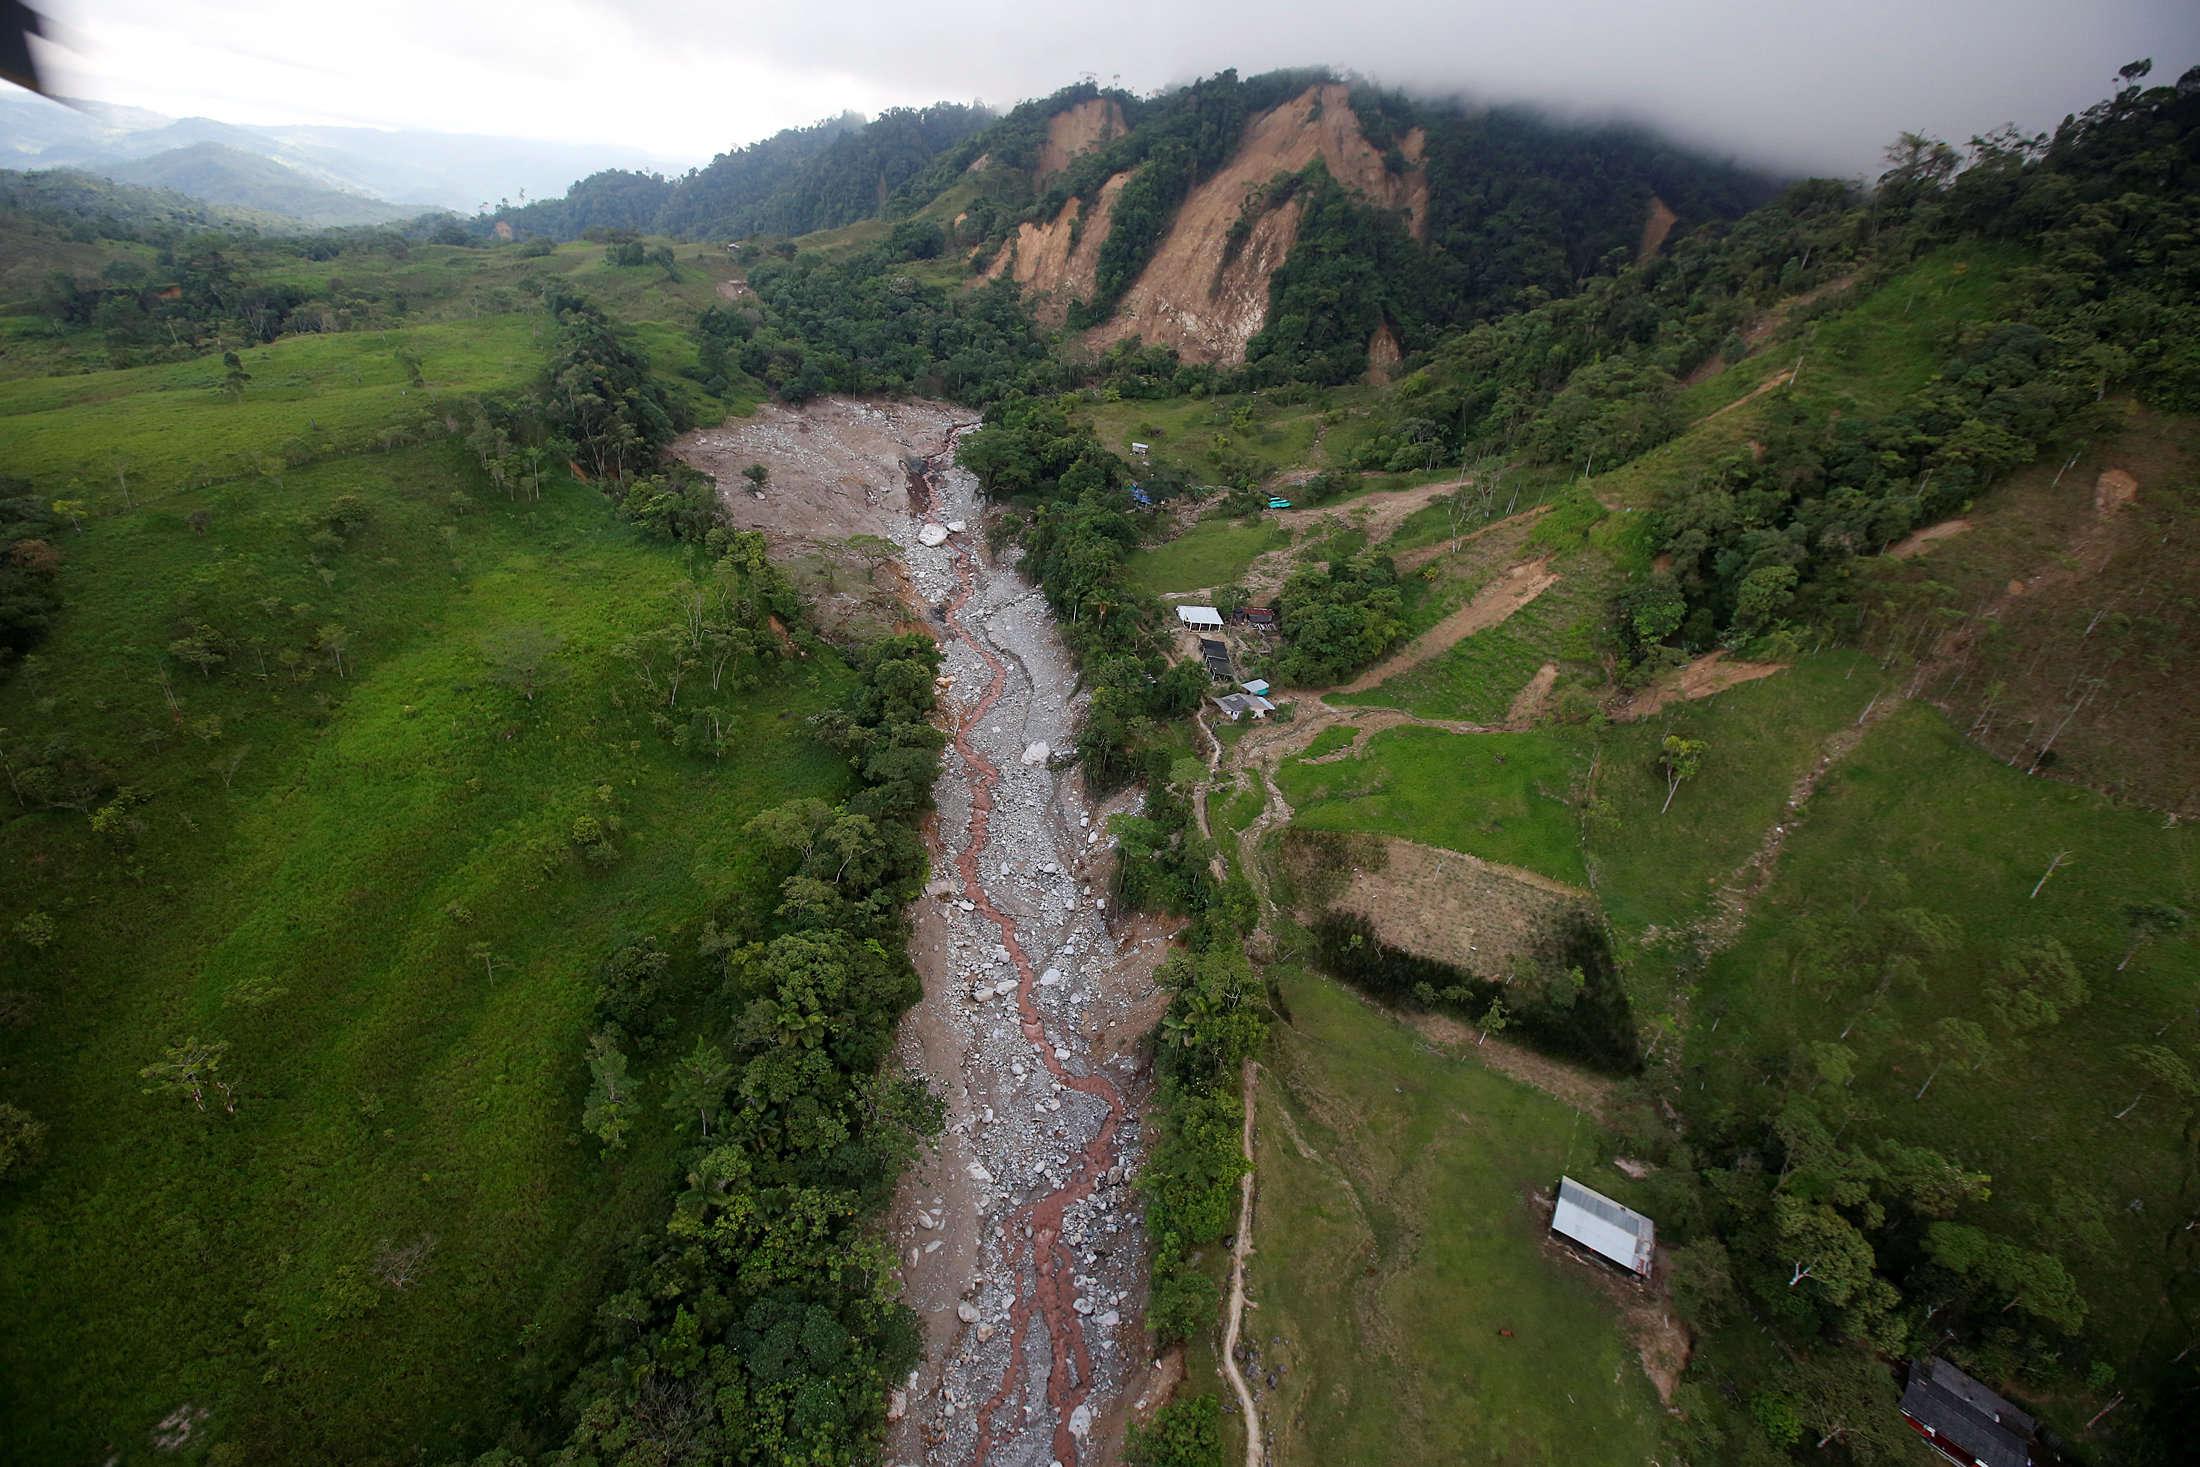 Vue aérienne de l'origine de la coulée de boue. Les coulées de boue meurtrières sont généralement issues d'une combinaison de facteurs: planification urbaine défaillante, sols fragilisés par la déforestation, précipitations extrêmes.